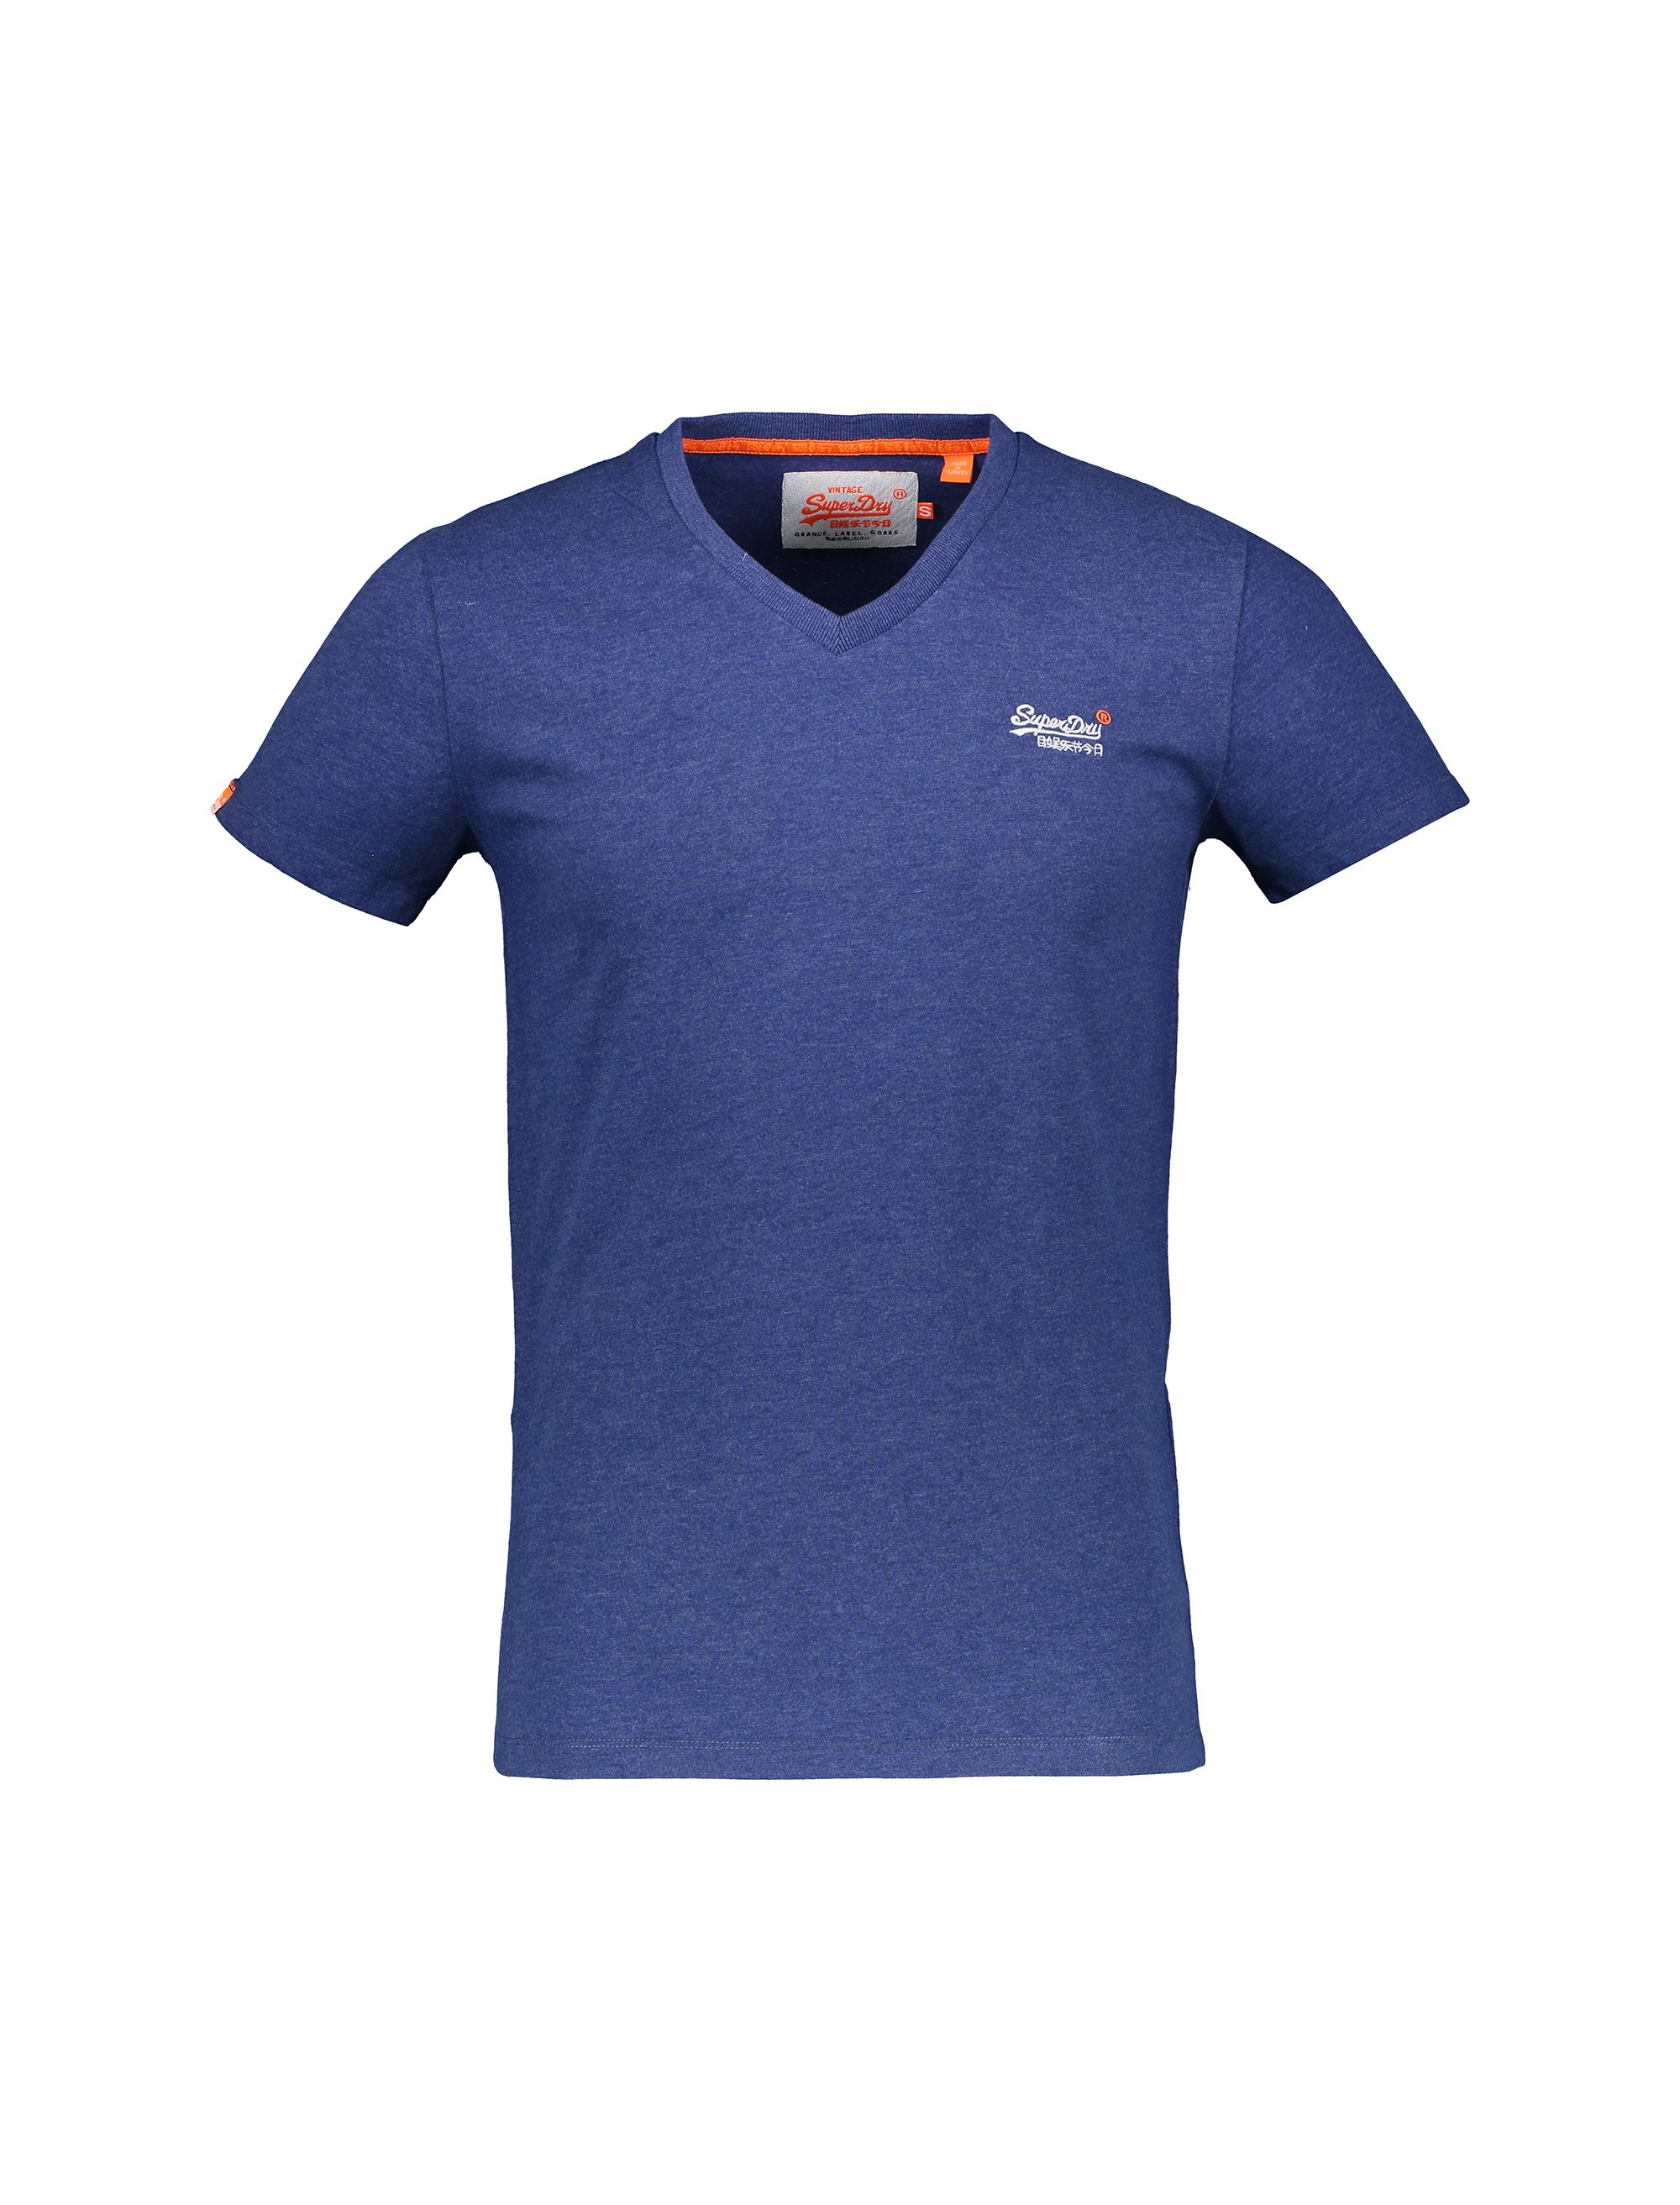 تی شرت نخی آستین کوتاه مردانه - سوپردرای